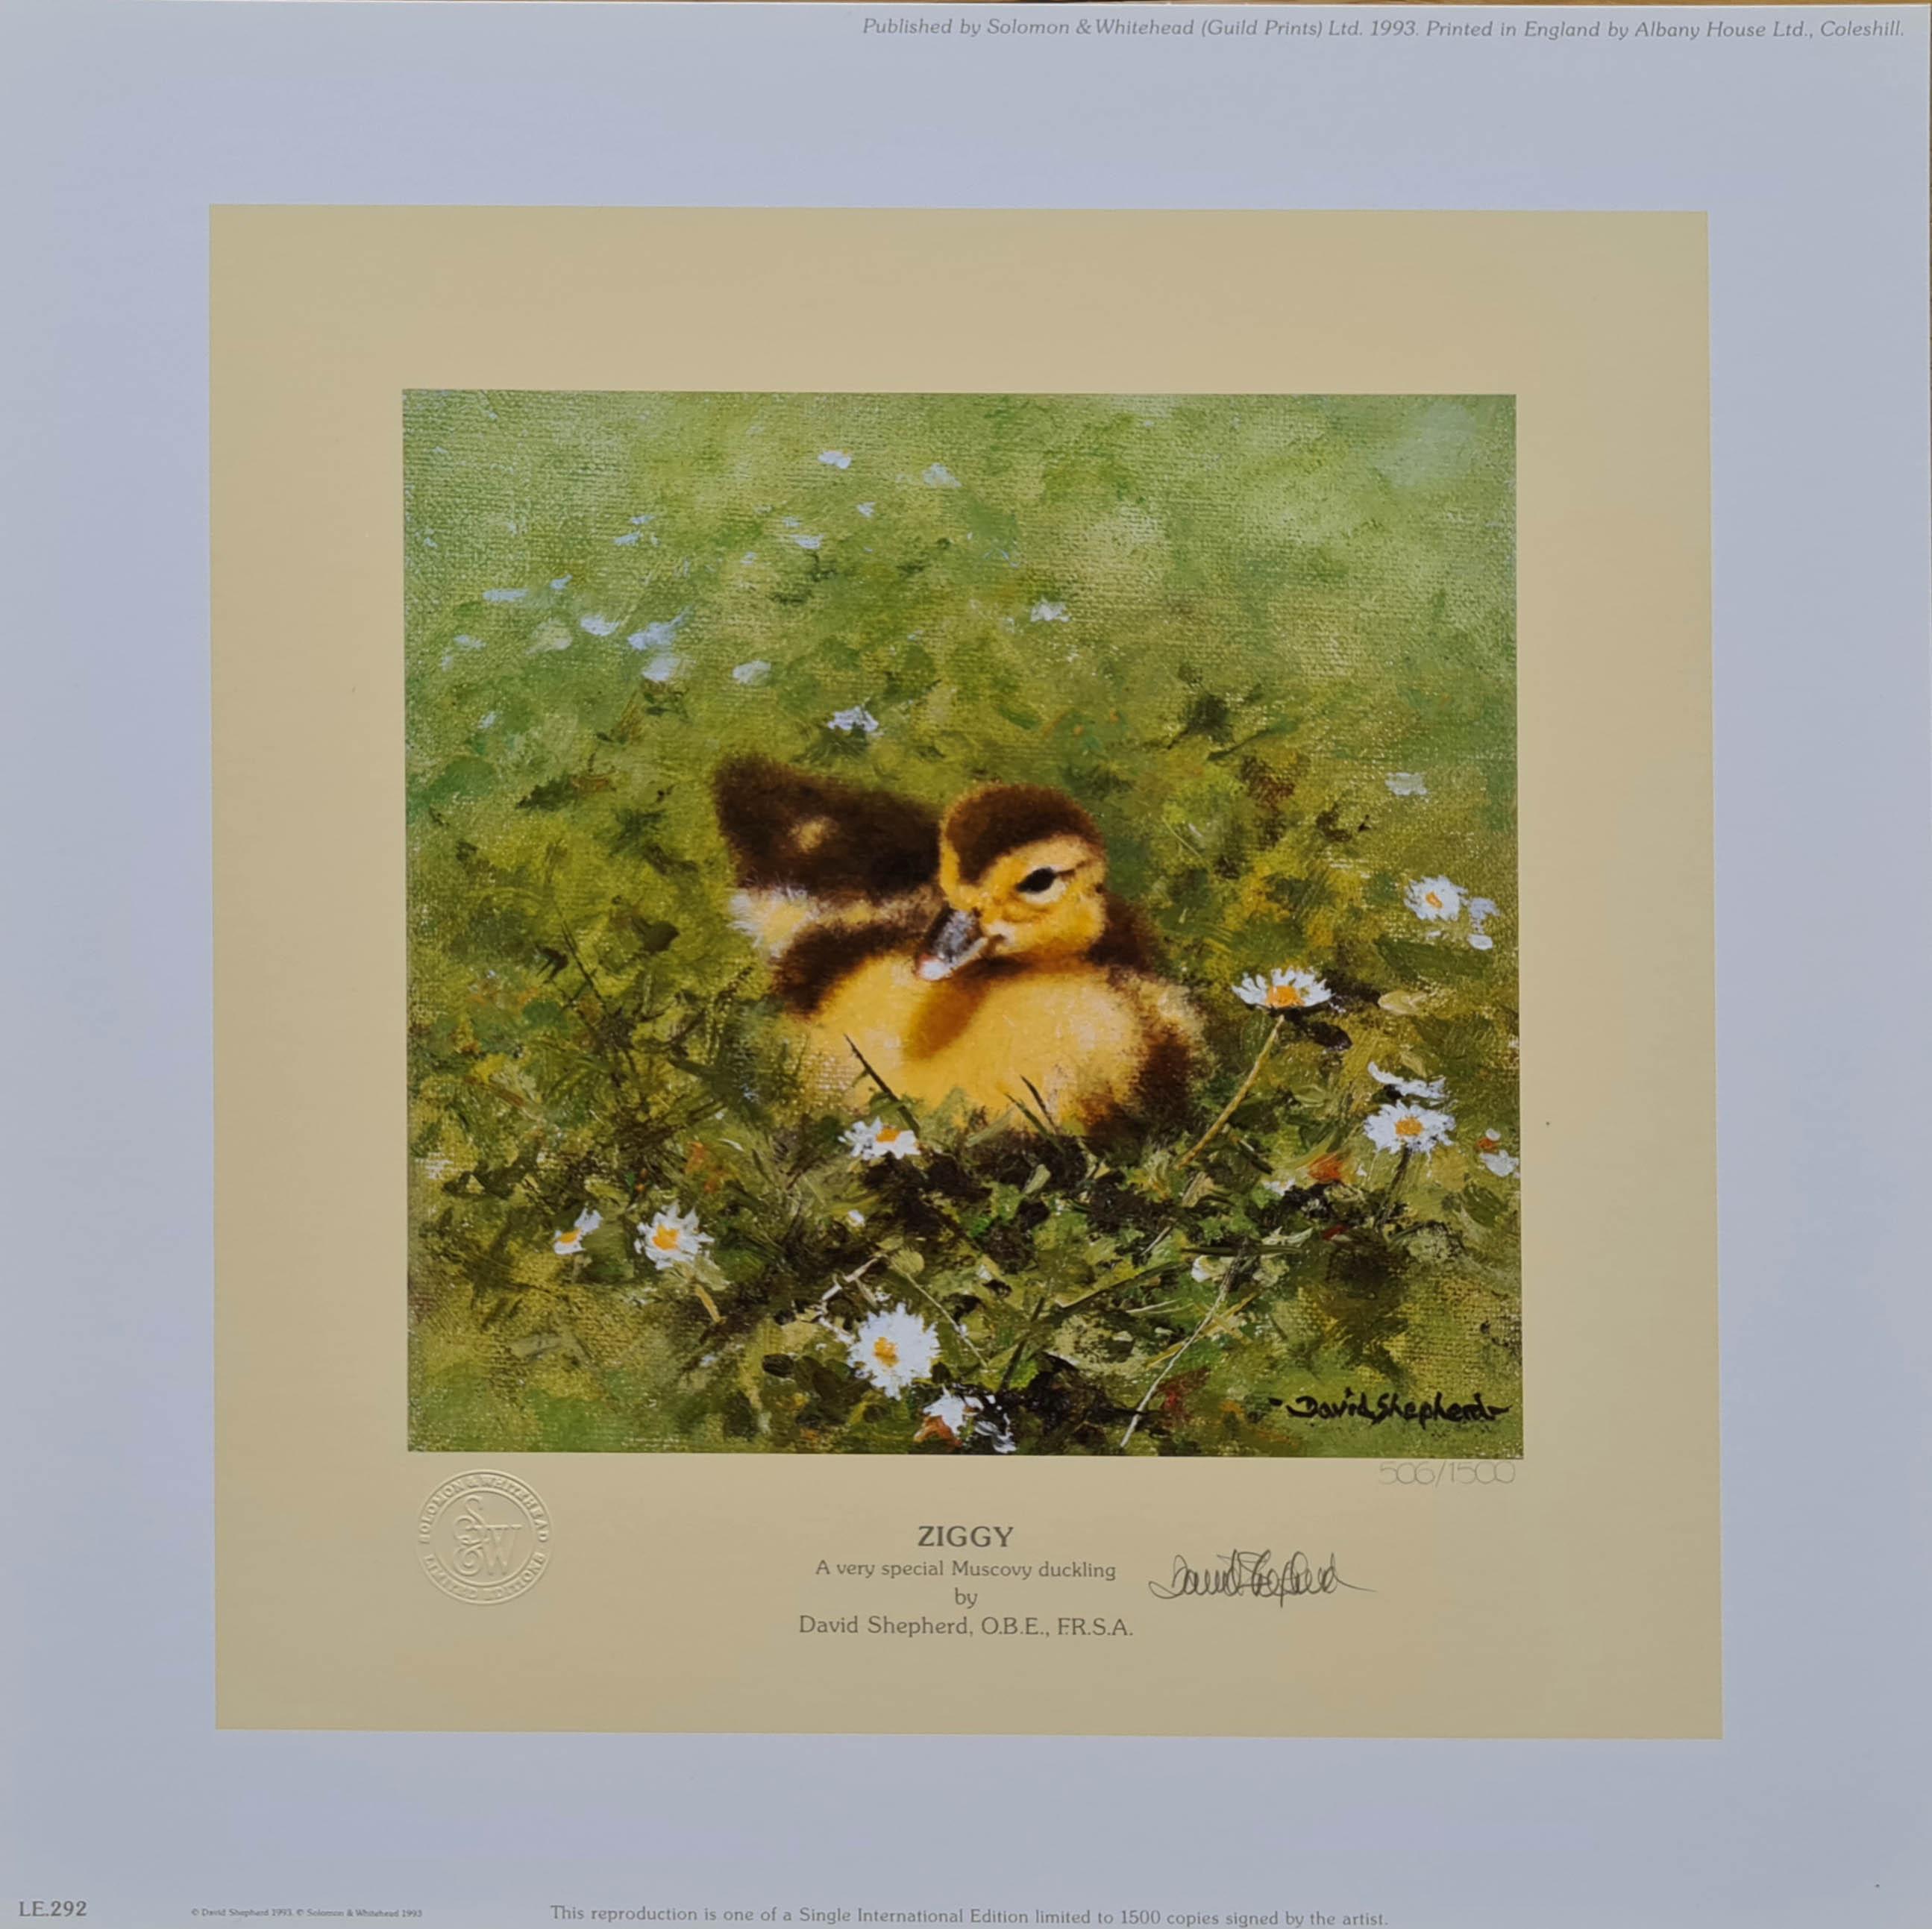 shepherd ziggy, duckling print